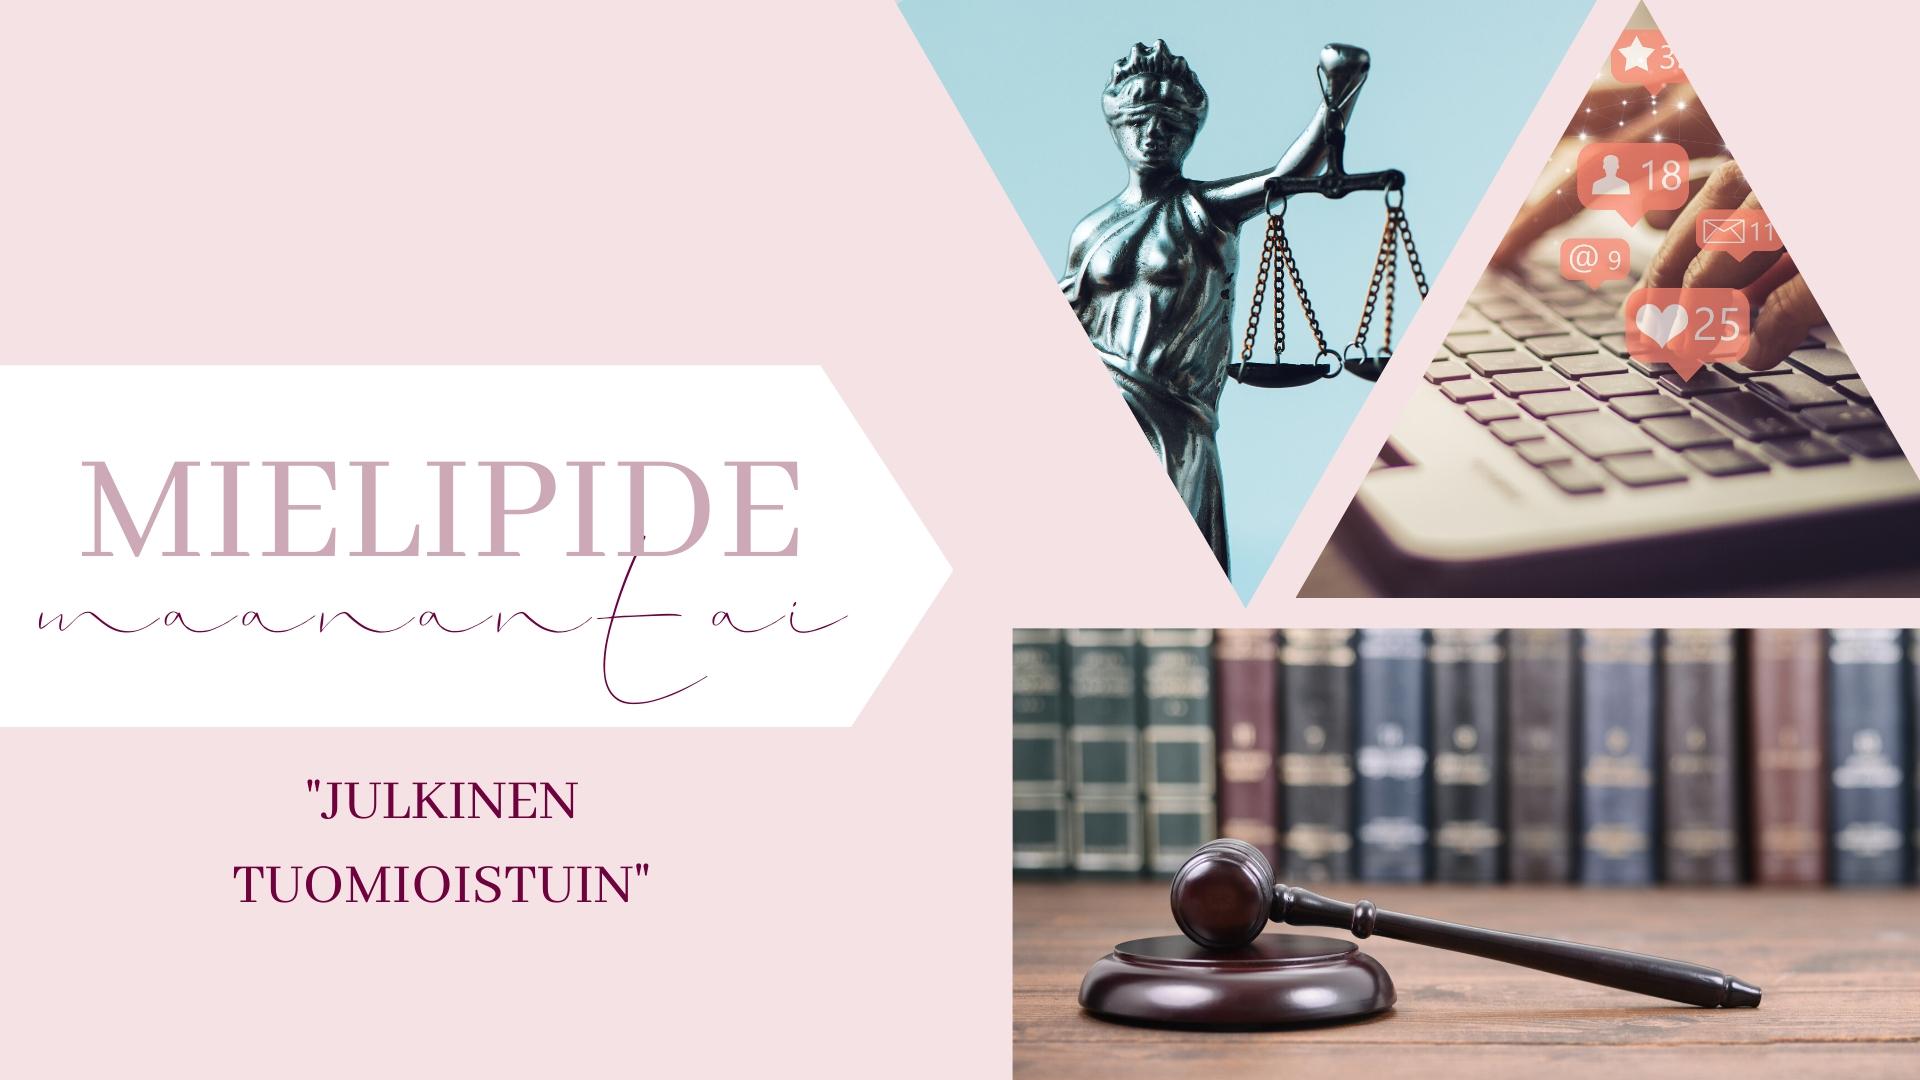 Mielipidemaanantai – Julkinen tuomioistuin